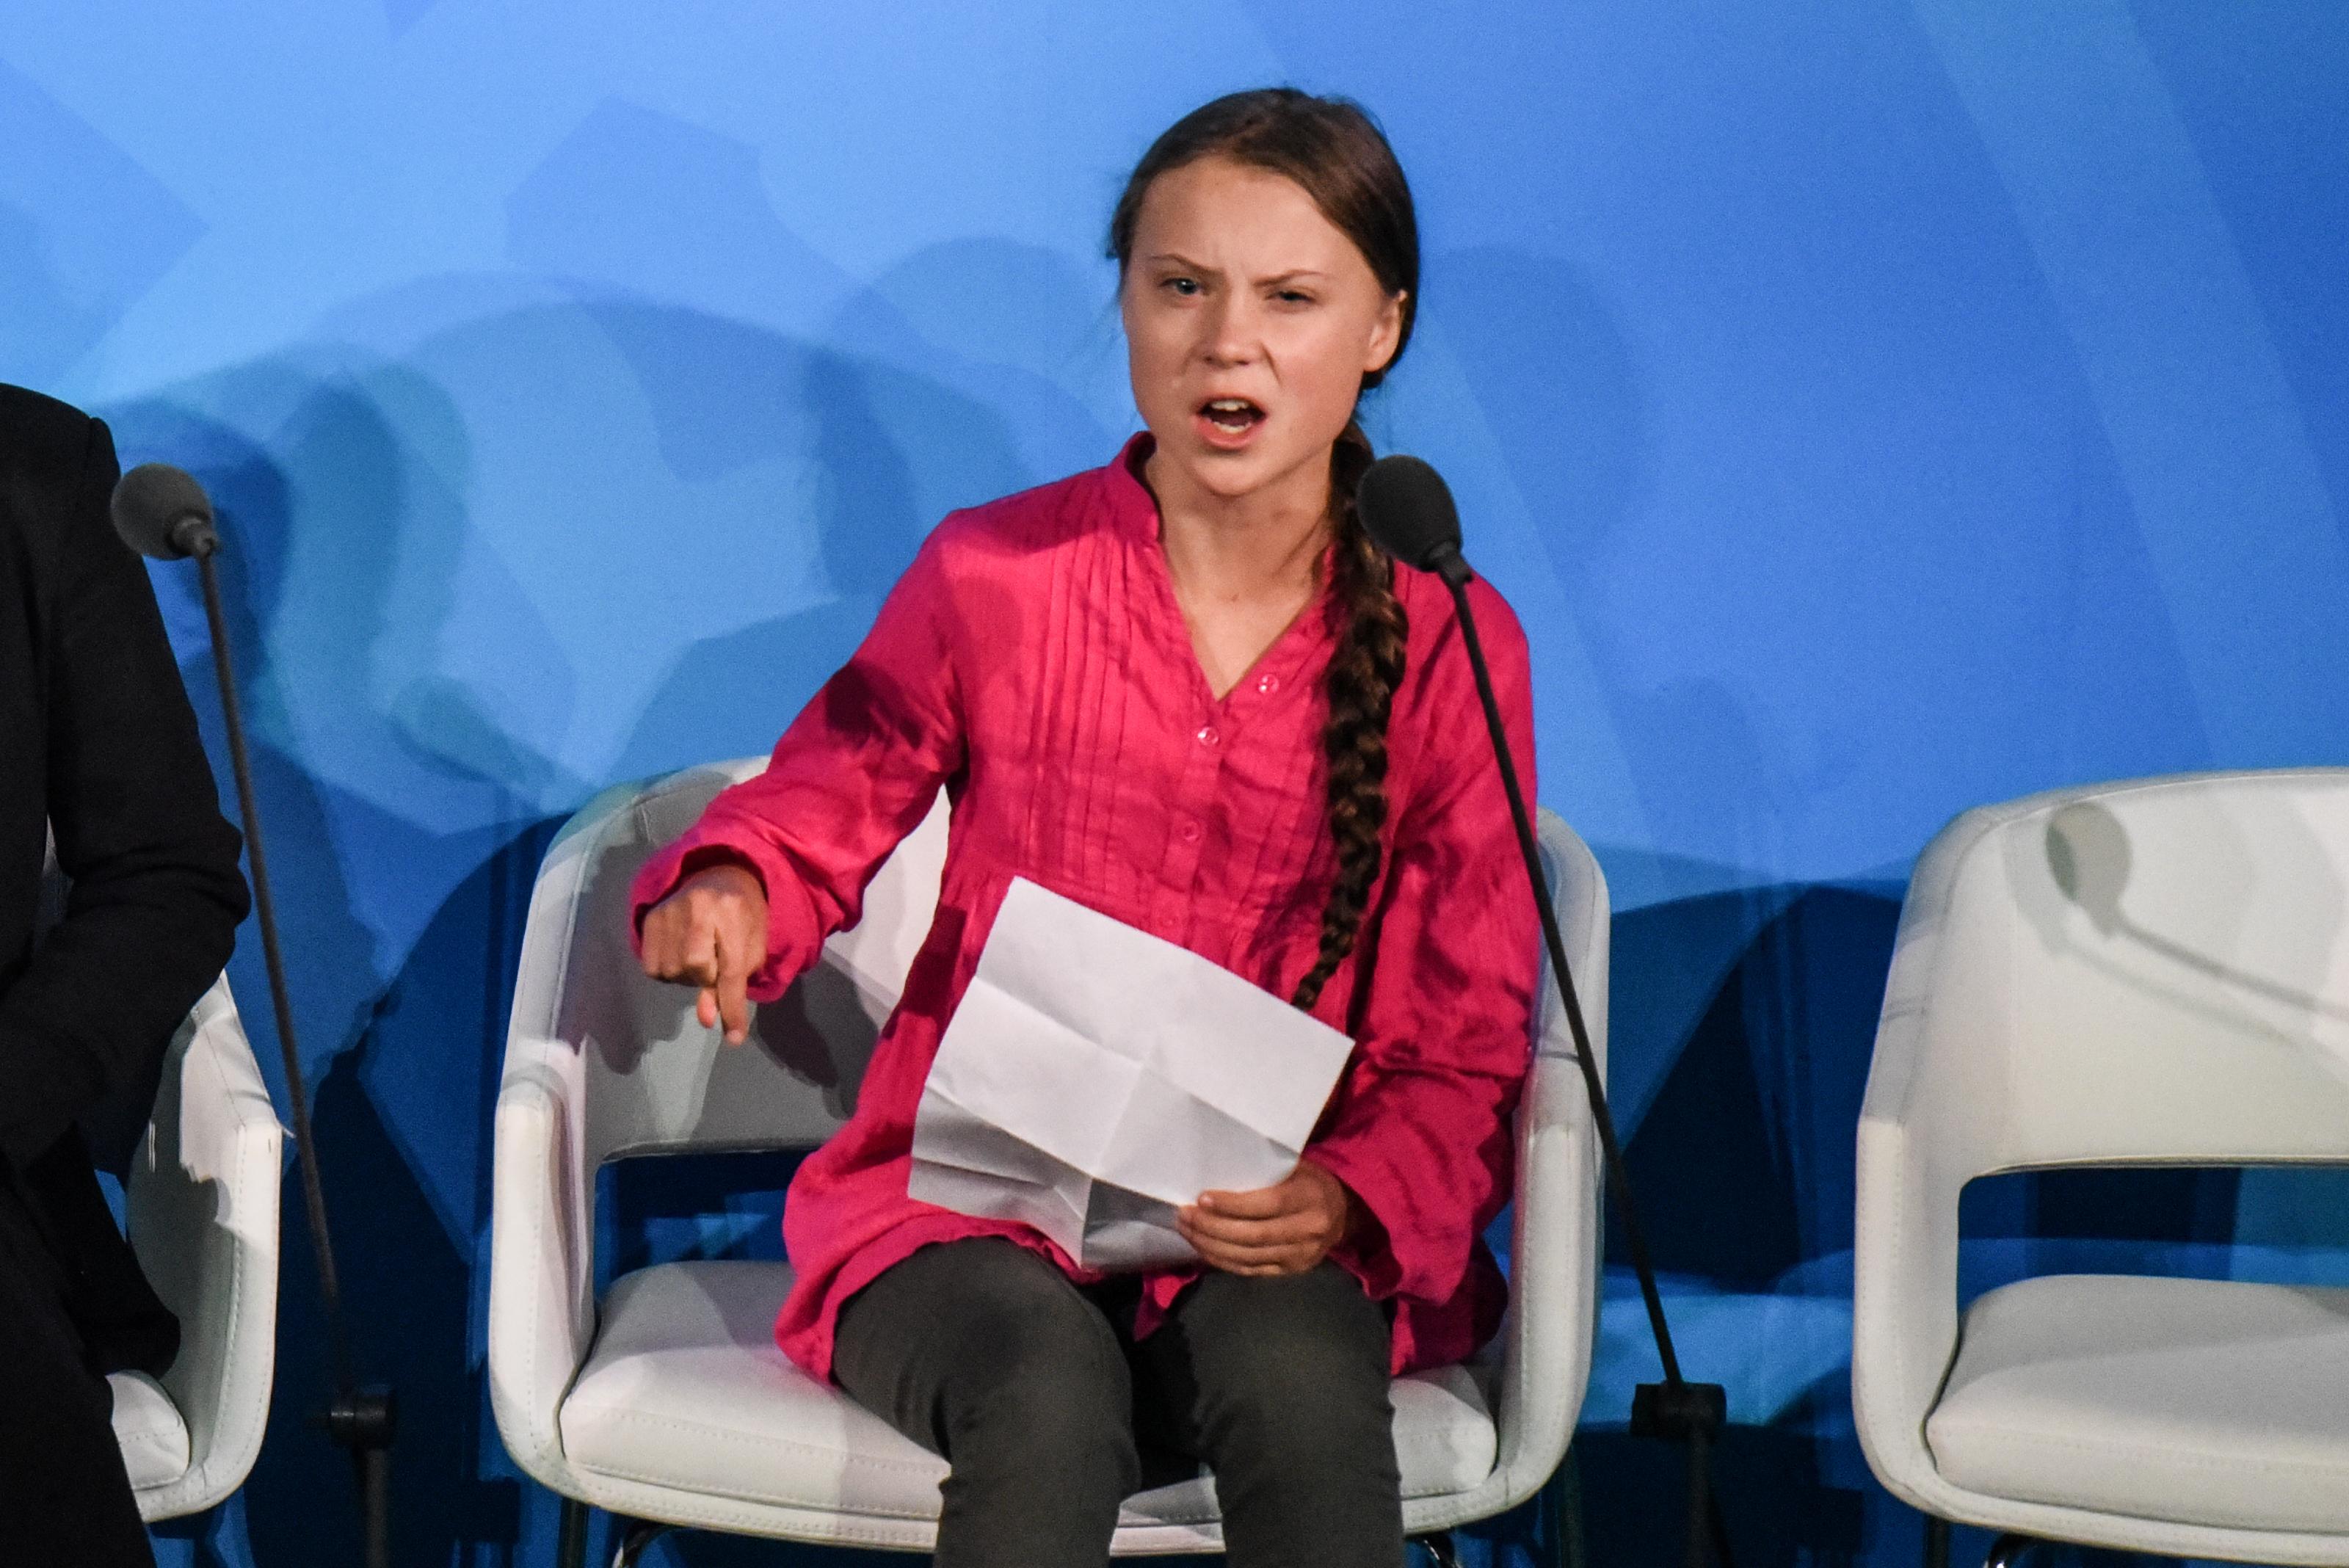 Greta Thunberg kiosztotta a világ vezetőit az ENSZ klímacsúcsán